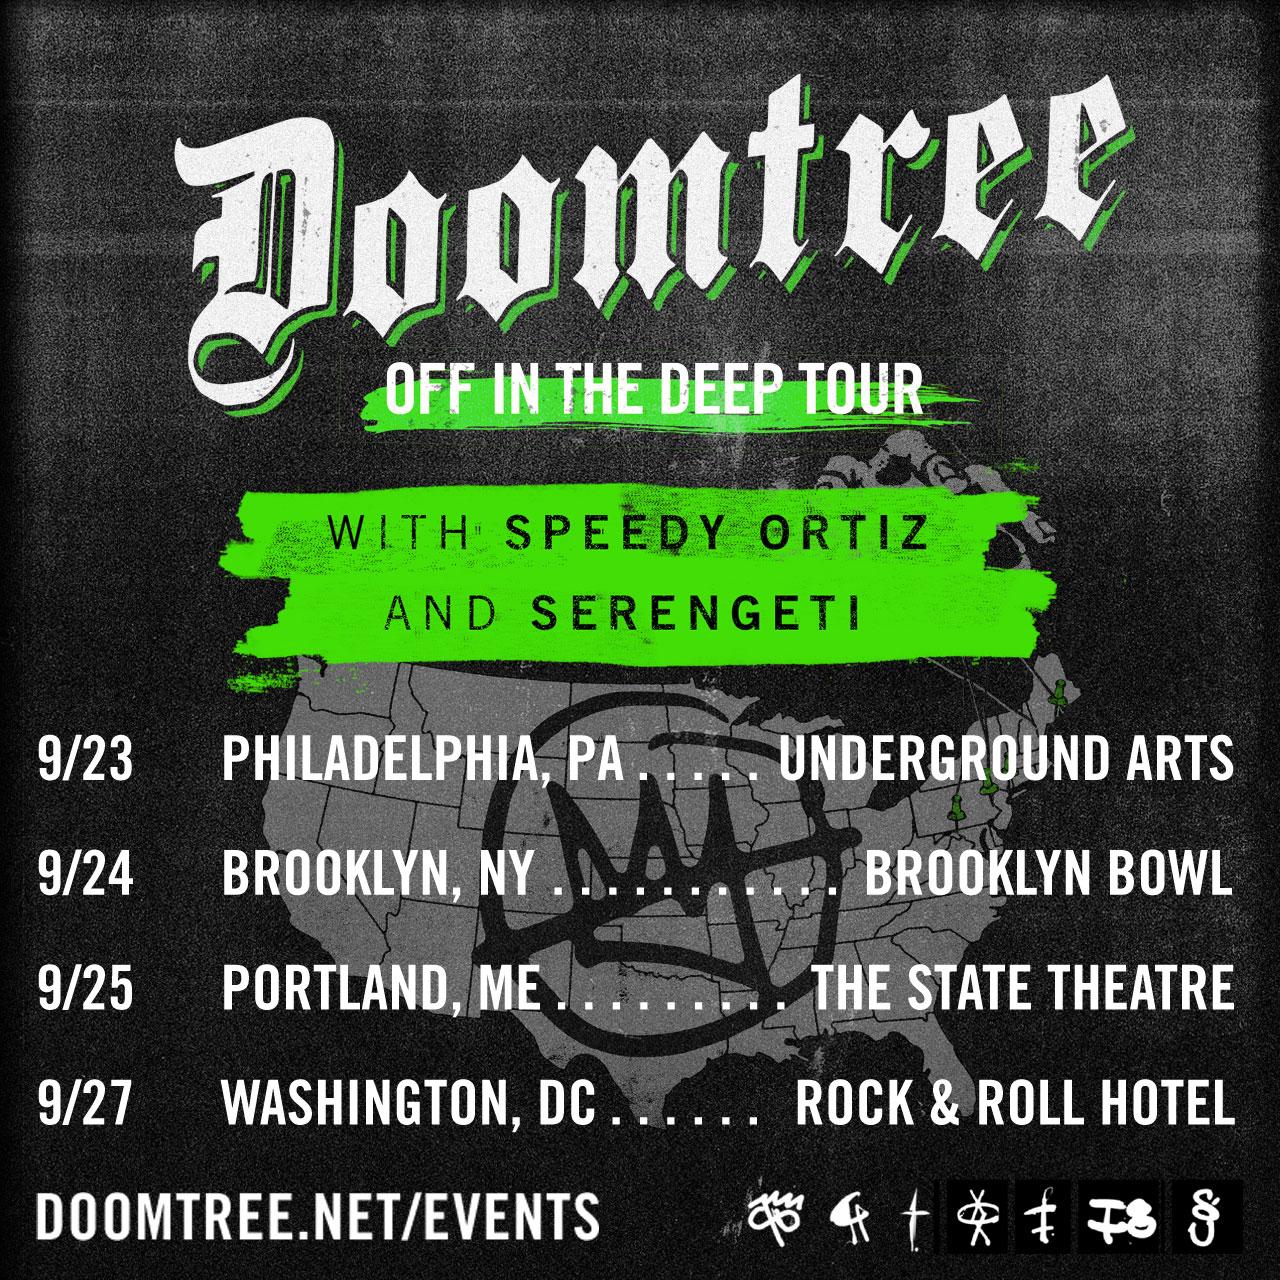 Doomtree-Speedy-Ortiz-Serengeti-September-2015-Flyer